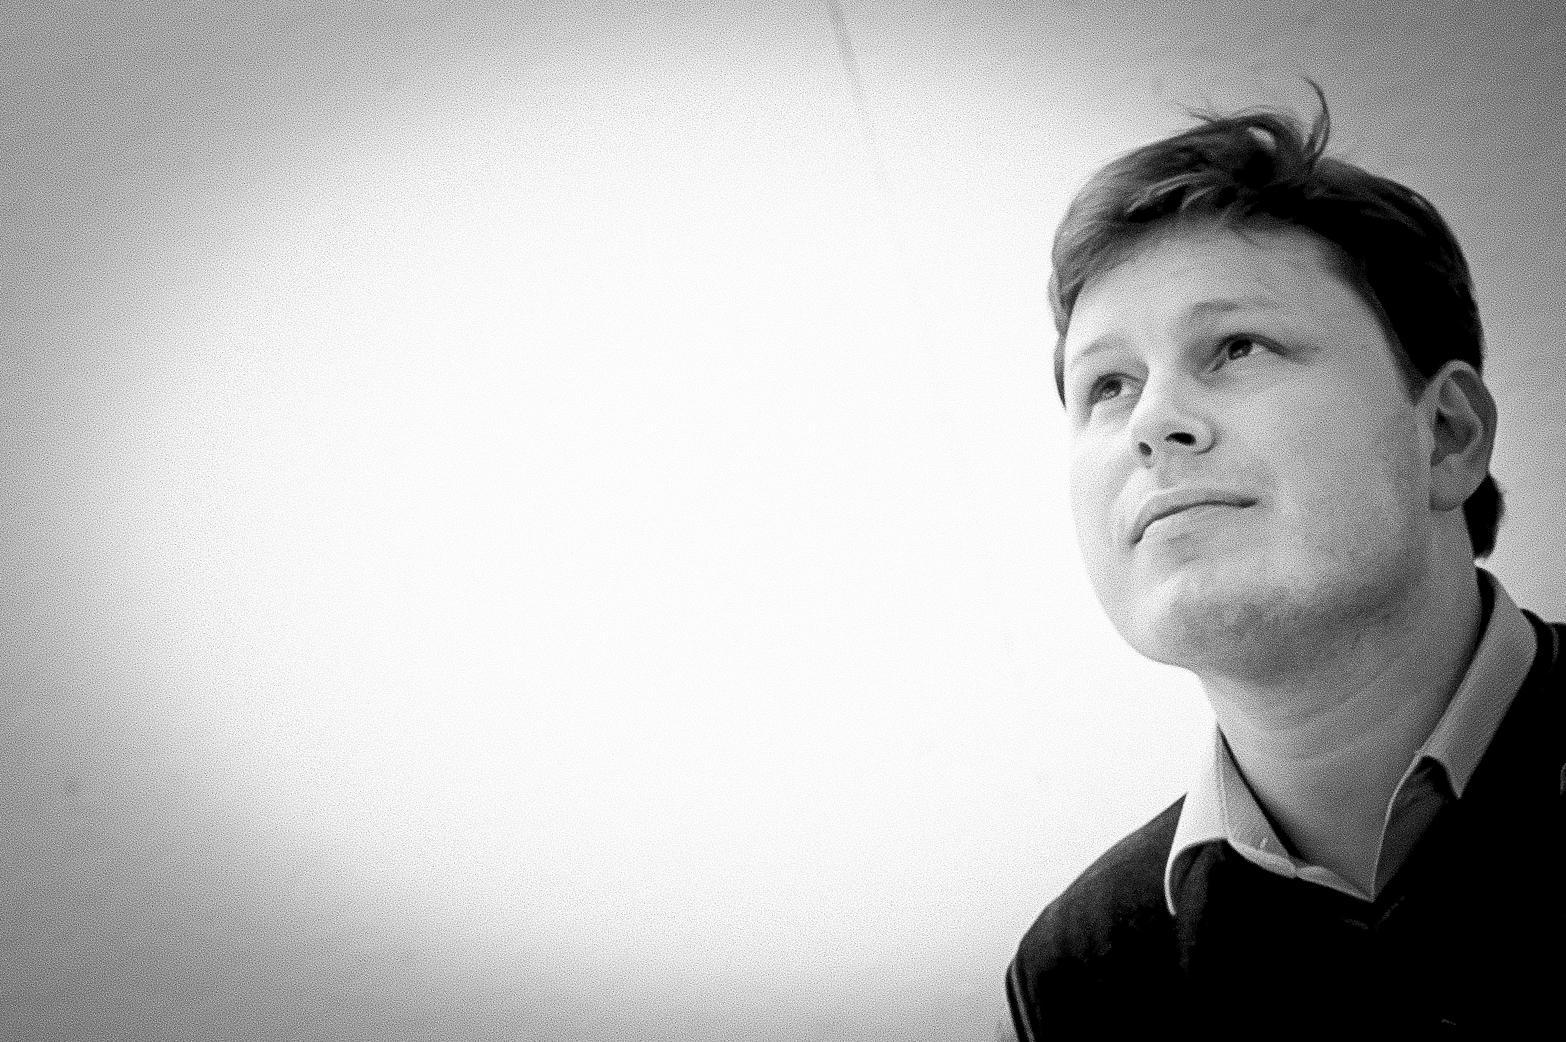 Cezary Gesikowski